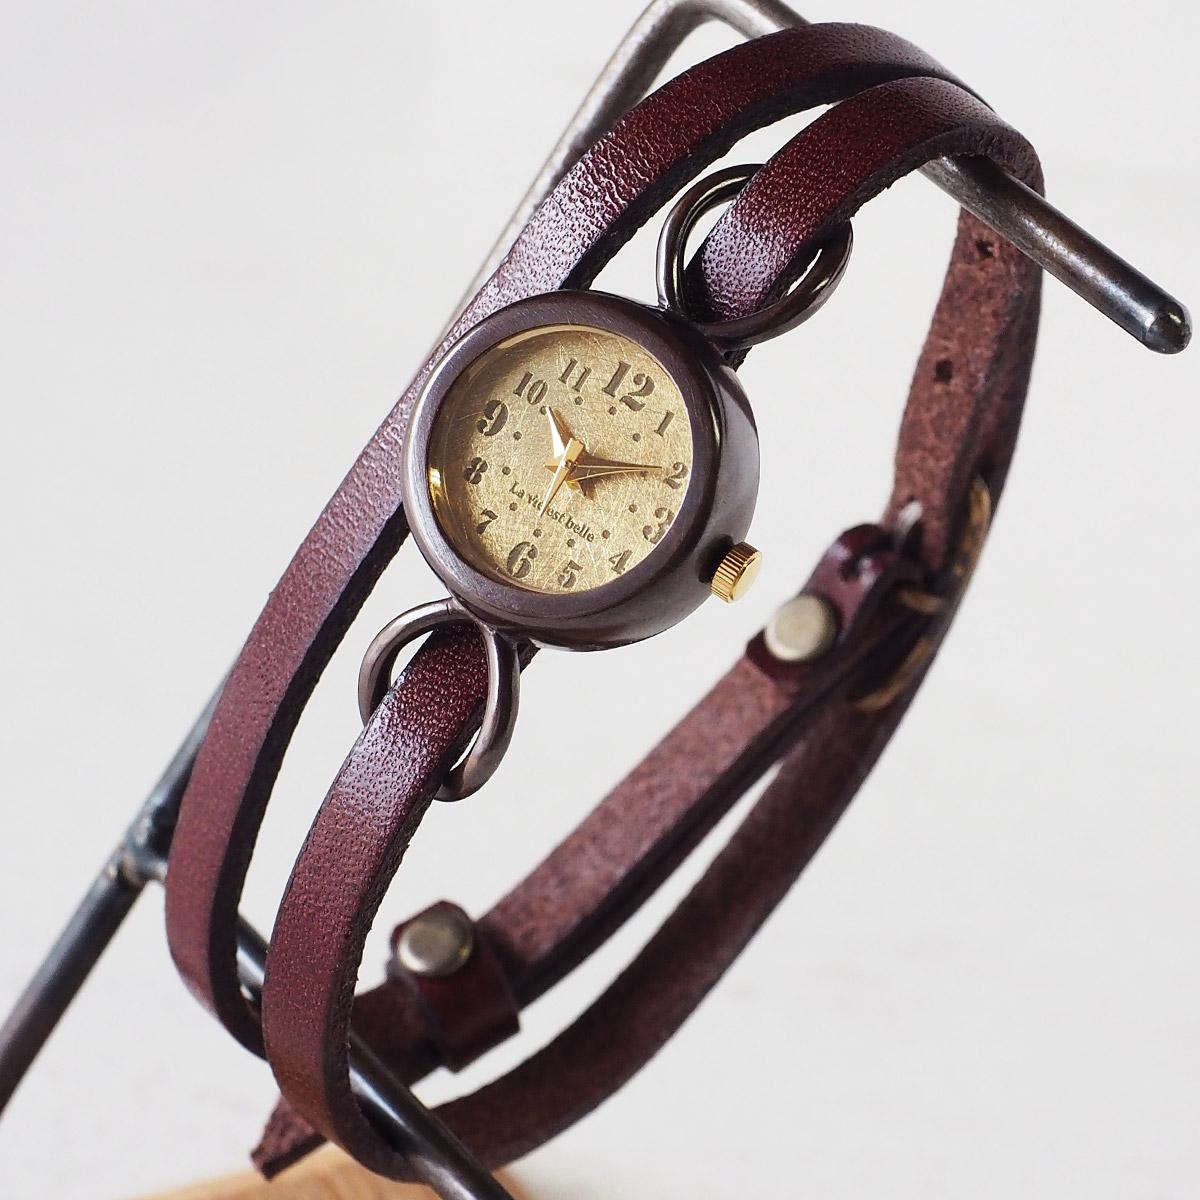 """vie(ヴィー) 手作り腕時計 """"collon brass -コロン ブレス-"""" 2重ベルト レディース [WB-066-W-BELT]"""